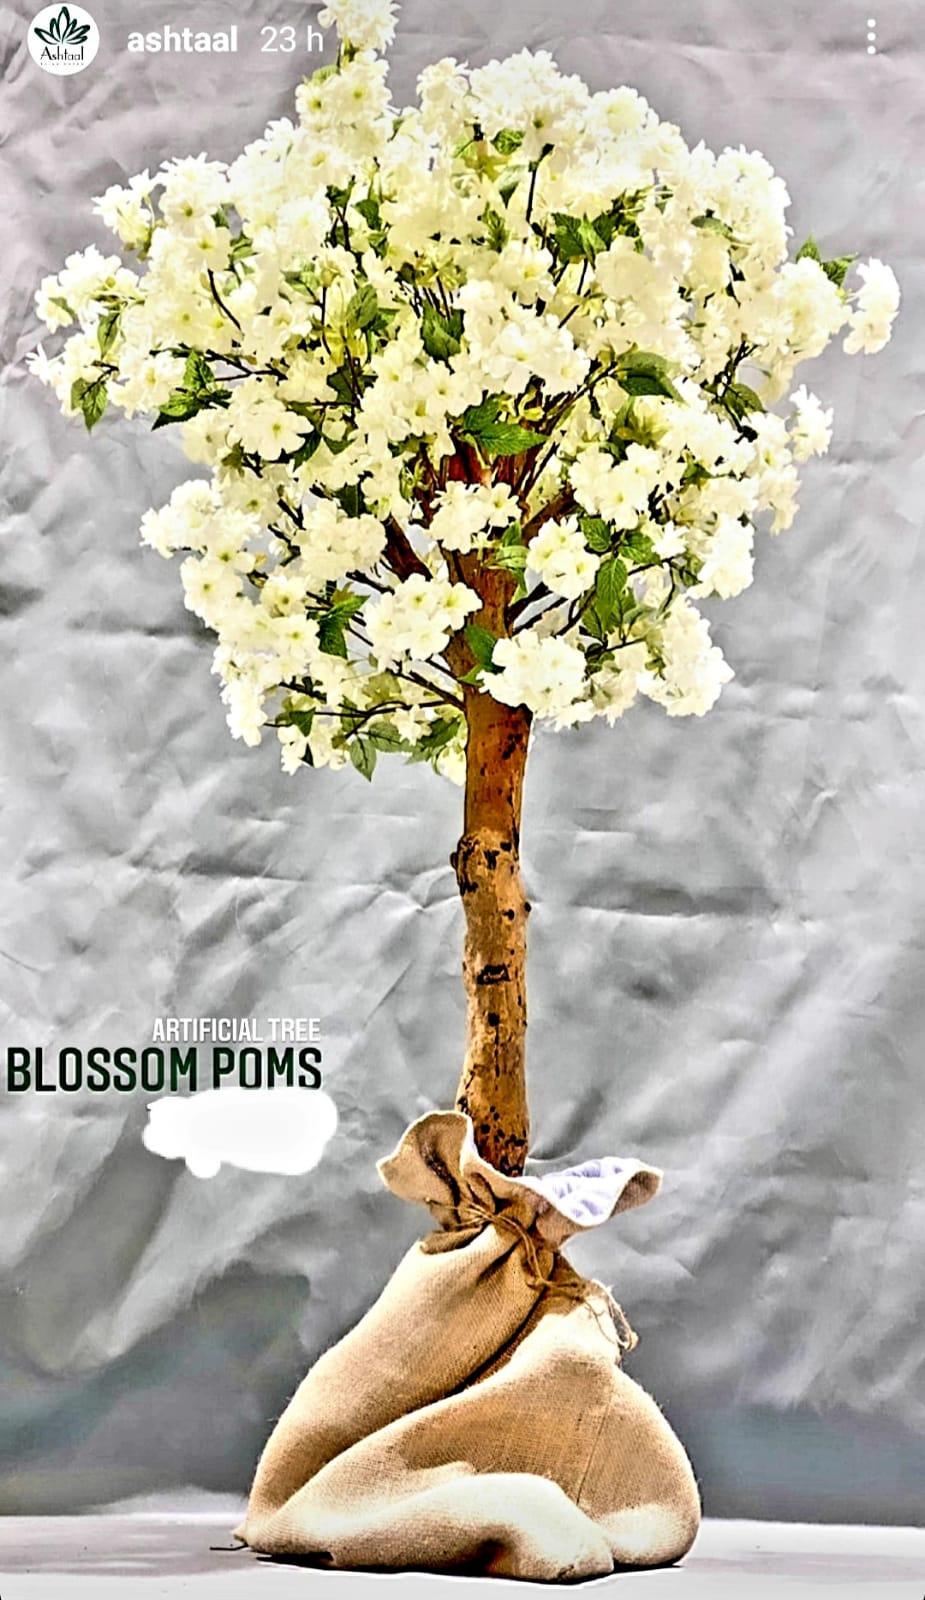 بلوسوم بومس نباتات اصطناعية أشجار